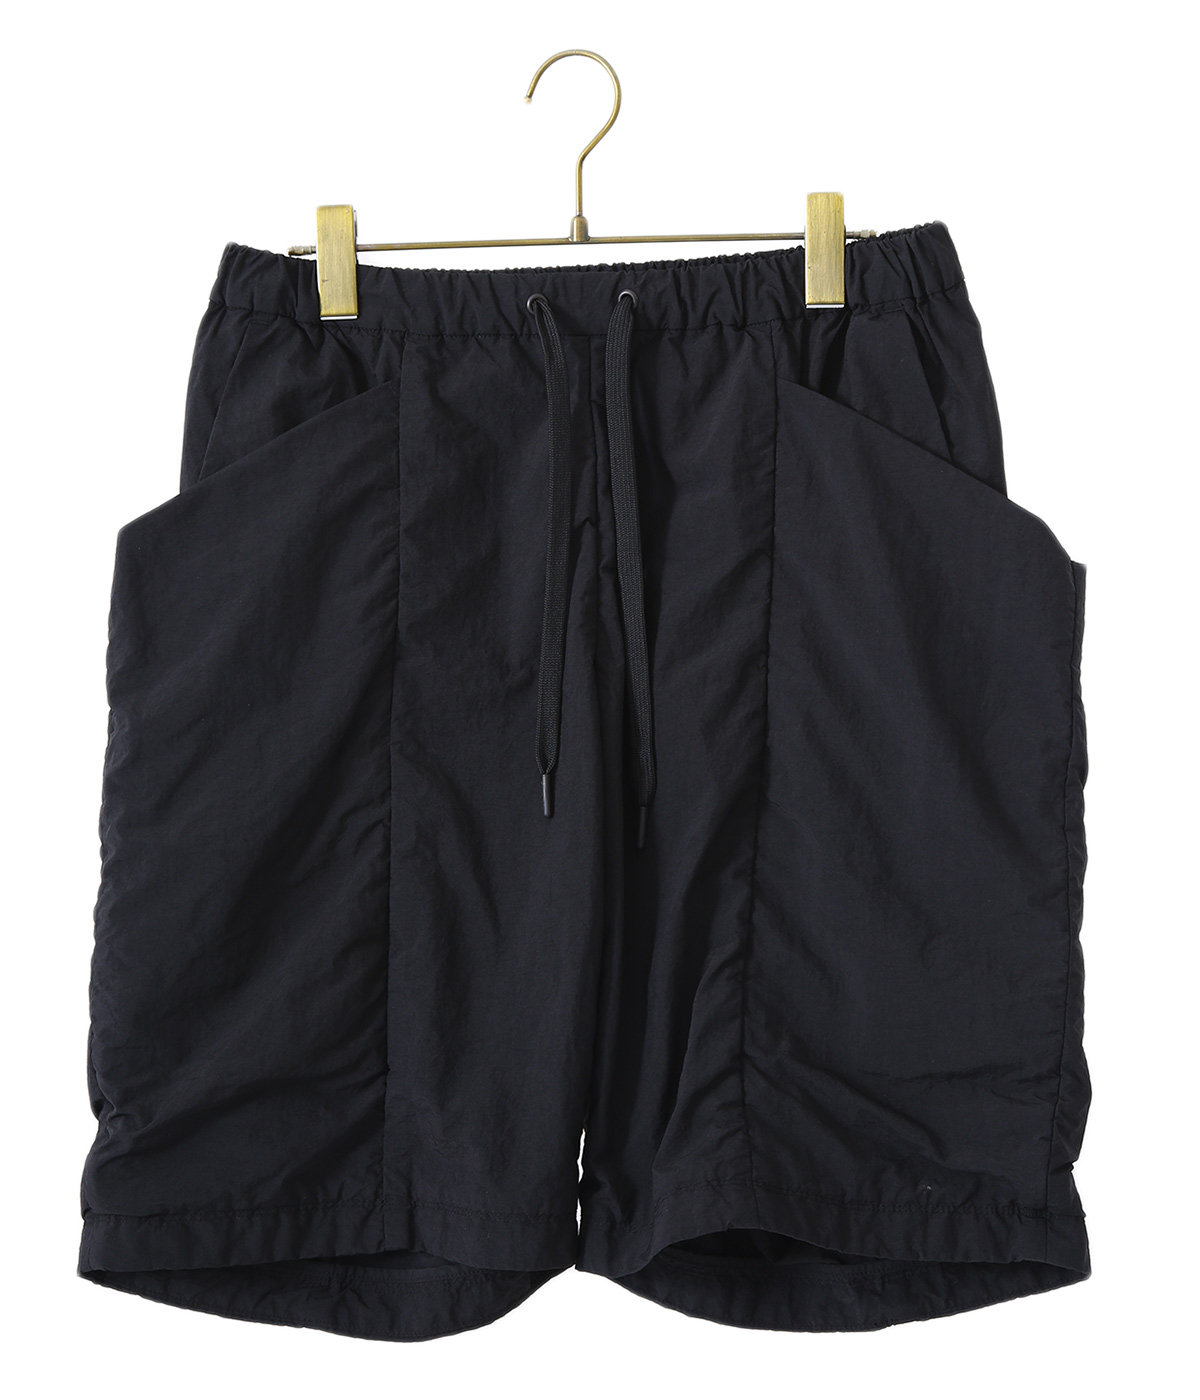 画像3: 【メンズファッション】夏コーデに必須のショートパンツおすすめ3選 アウトドアから街履きまで子供っぽくならないポイント